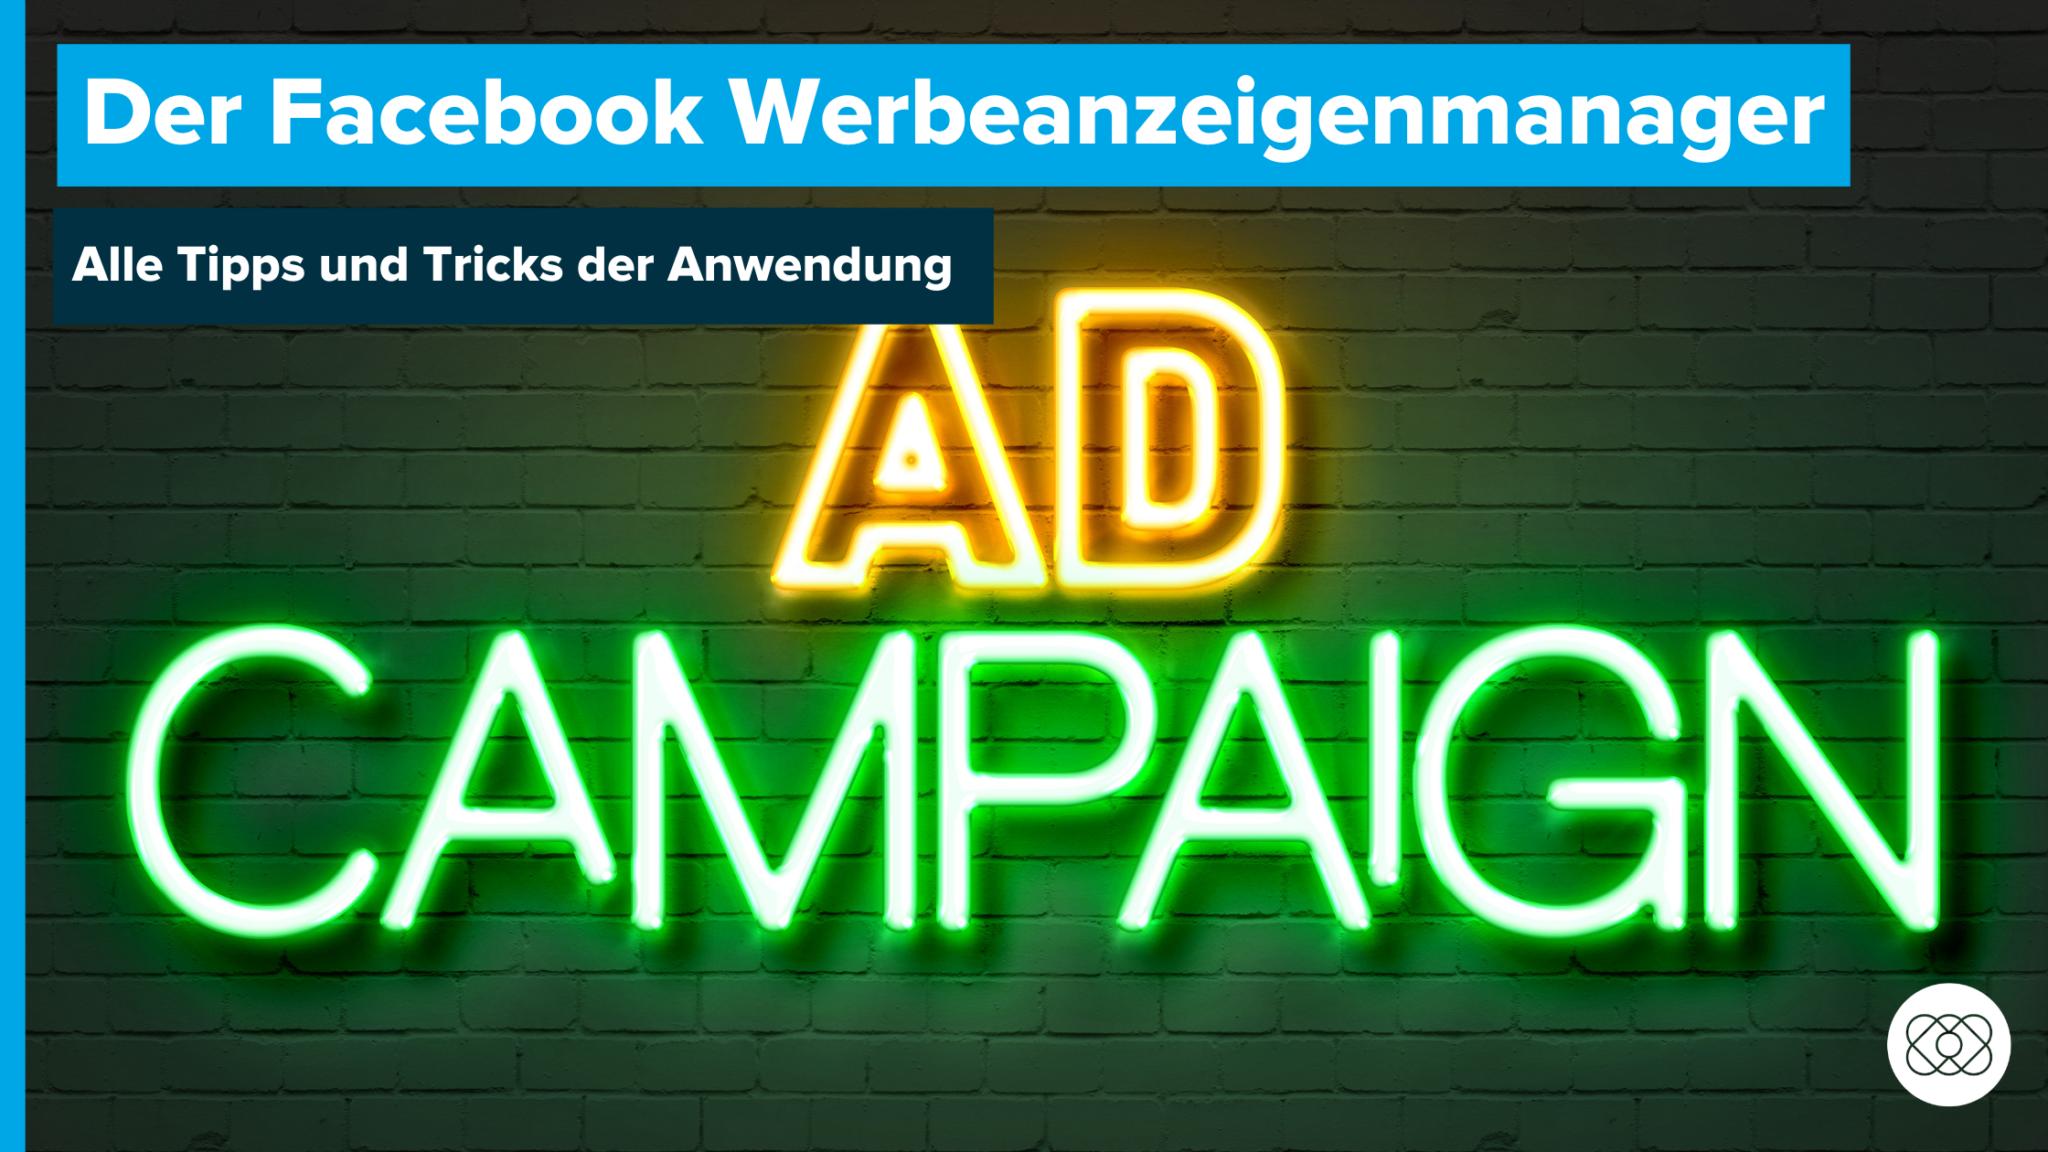 Facebook Werbeanzeigenmanager. Alle Tipps und Tricks zur Anwendung